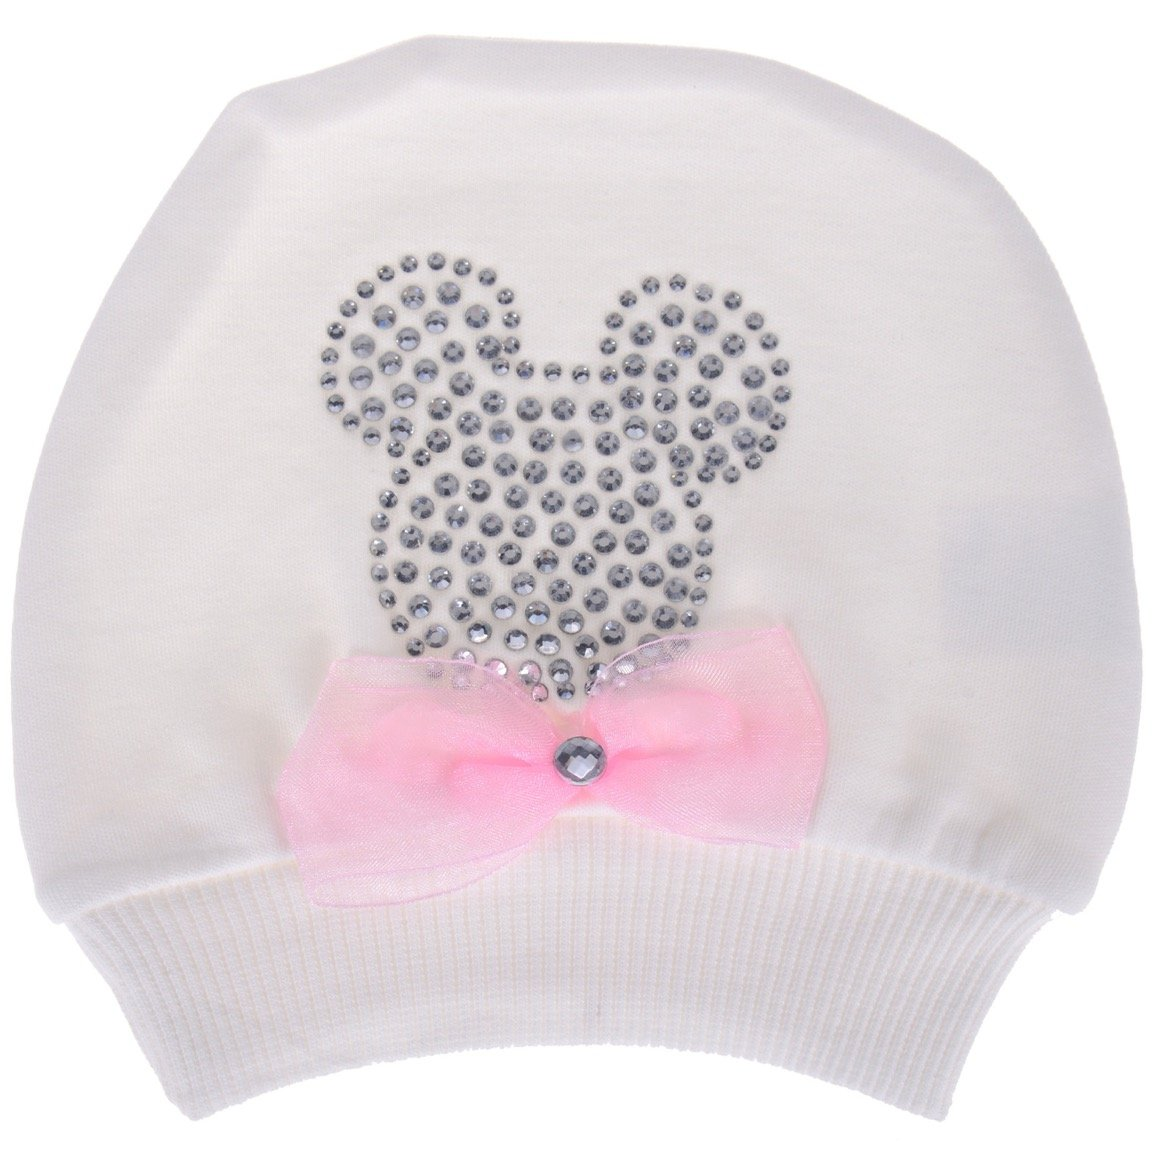 Akyuz βρεφικό σκουφάκι νεογνού «Ecru Mouse»